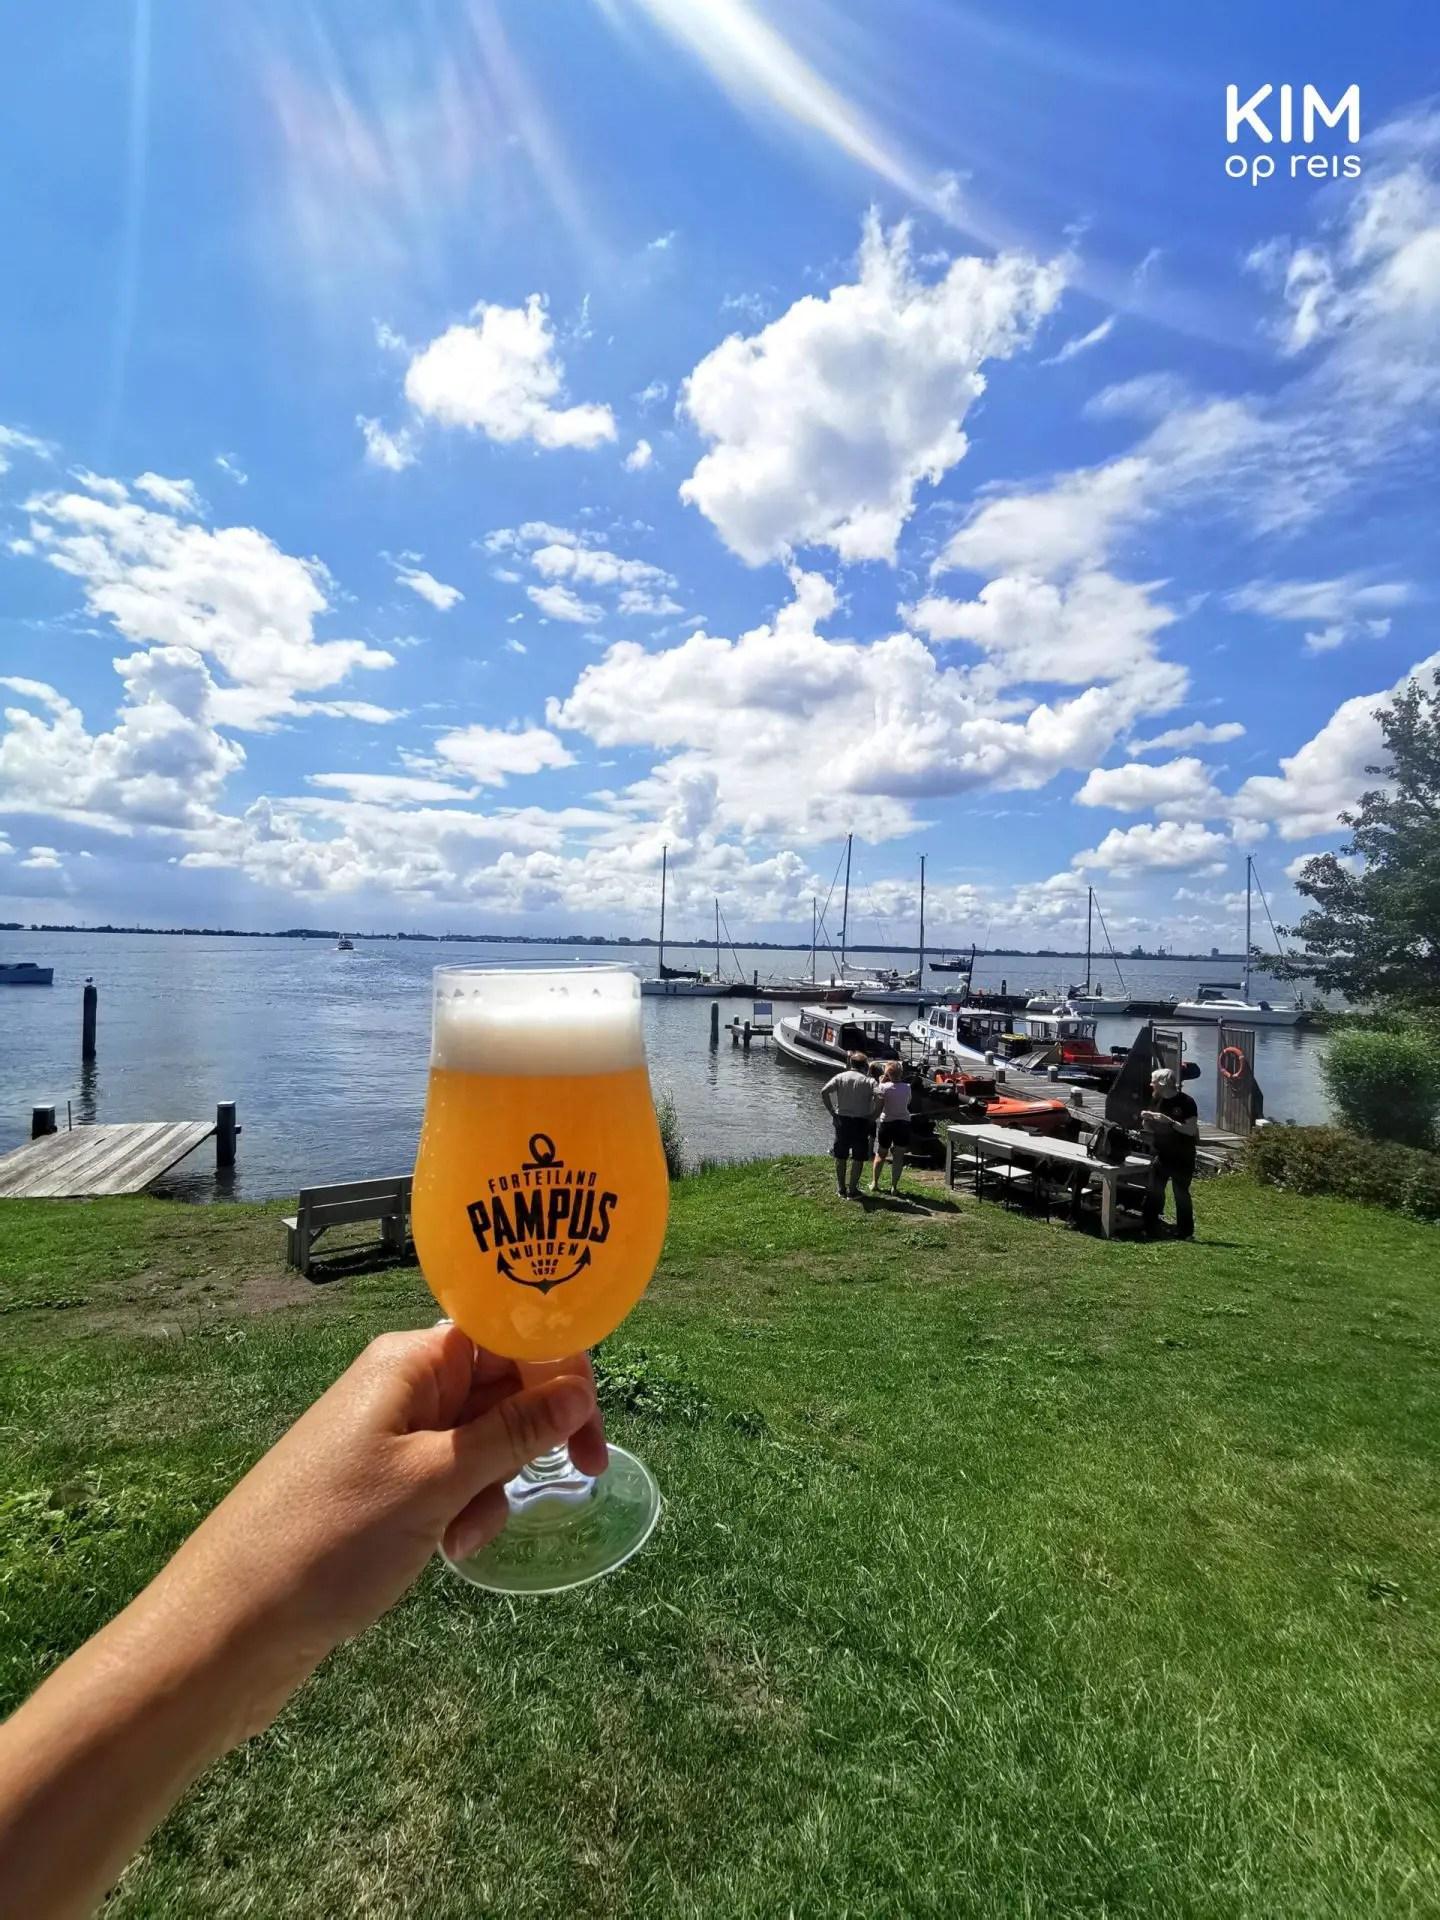 Pampus bier: hand houdt een glas bier met het logo van Pampus op tegen een achtergrond van de steiger en water